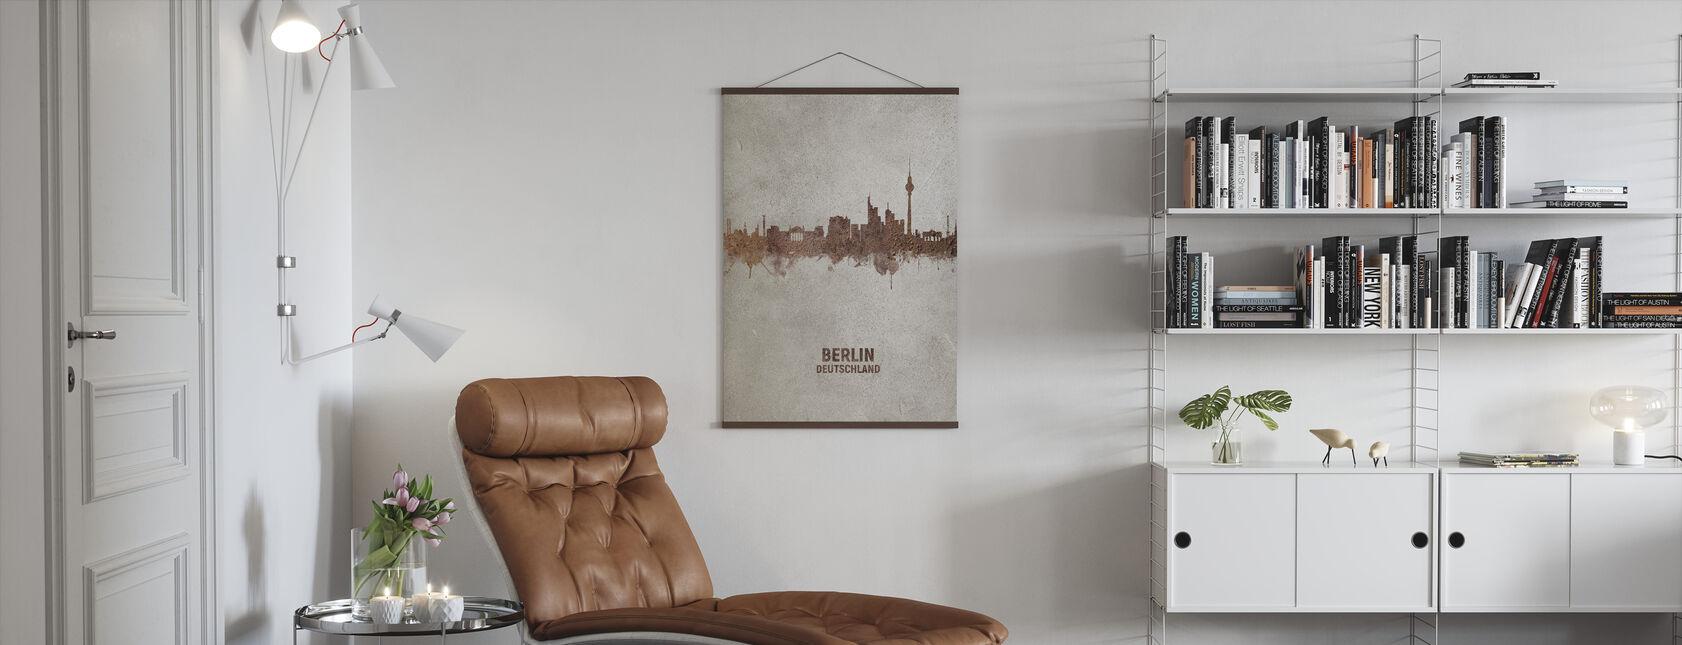 Berlijn Duitsland Rust Skyline - Poster - Woonkamer